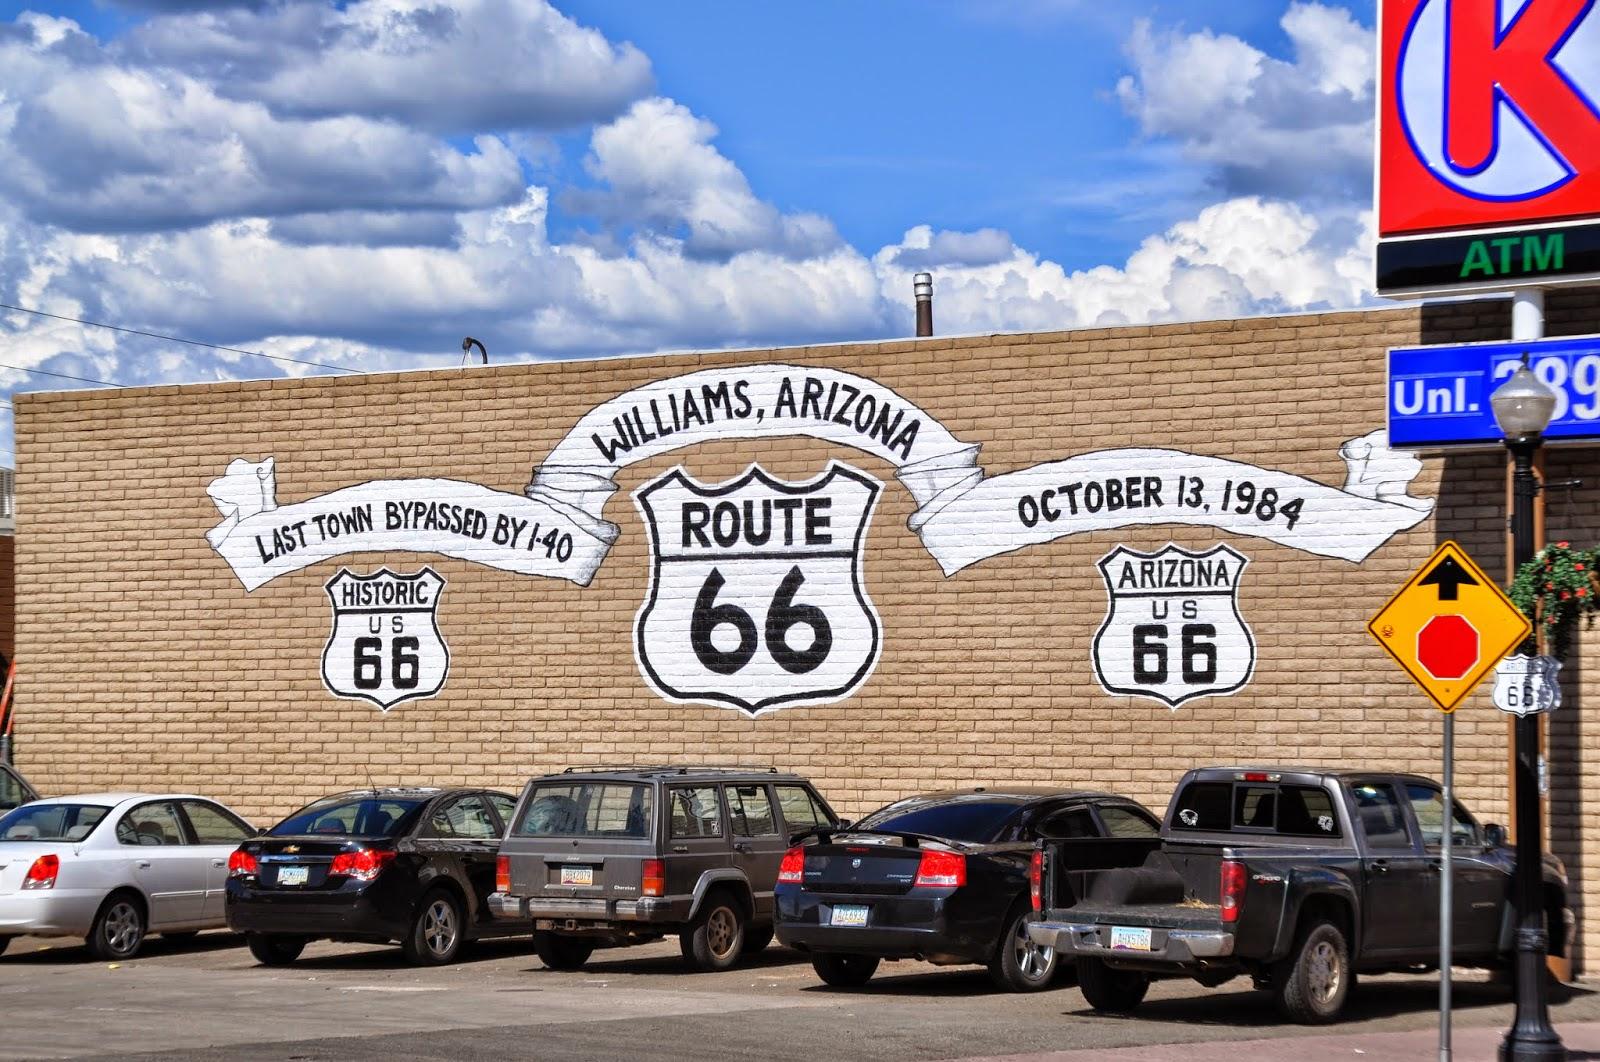 Williams Arizona